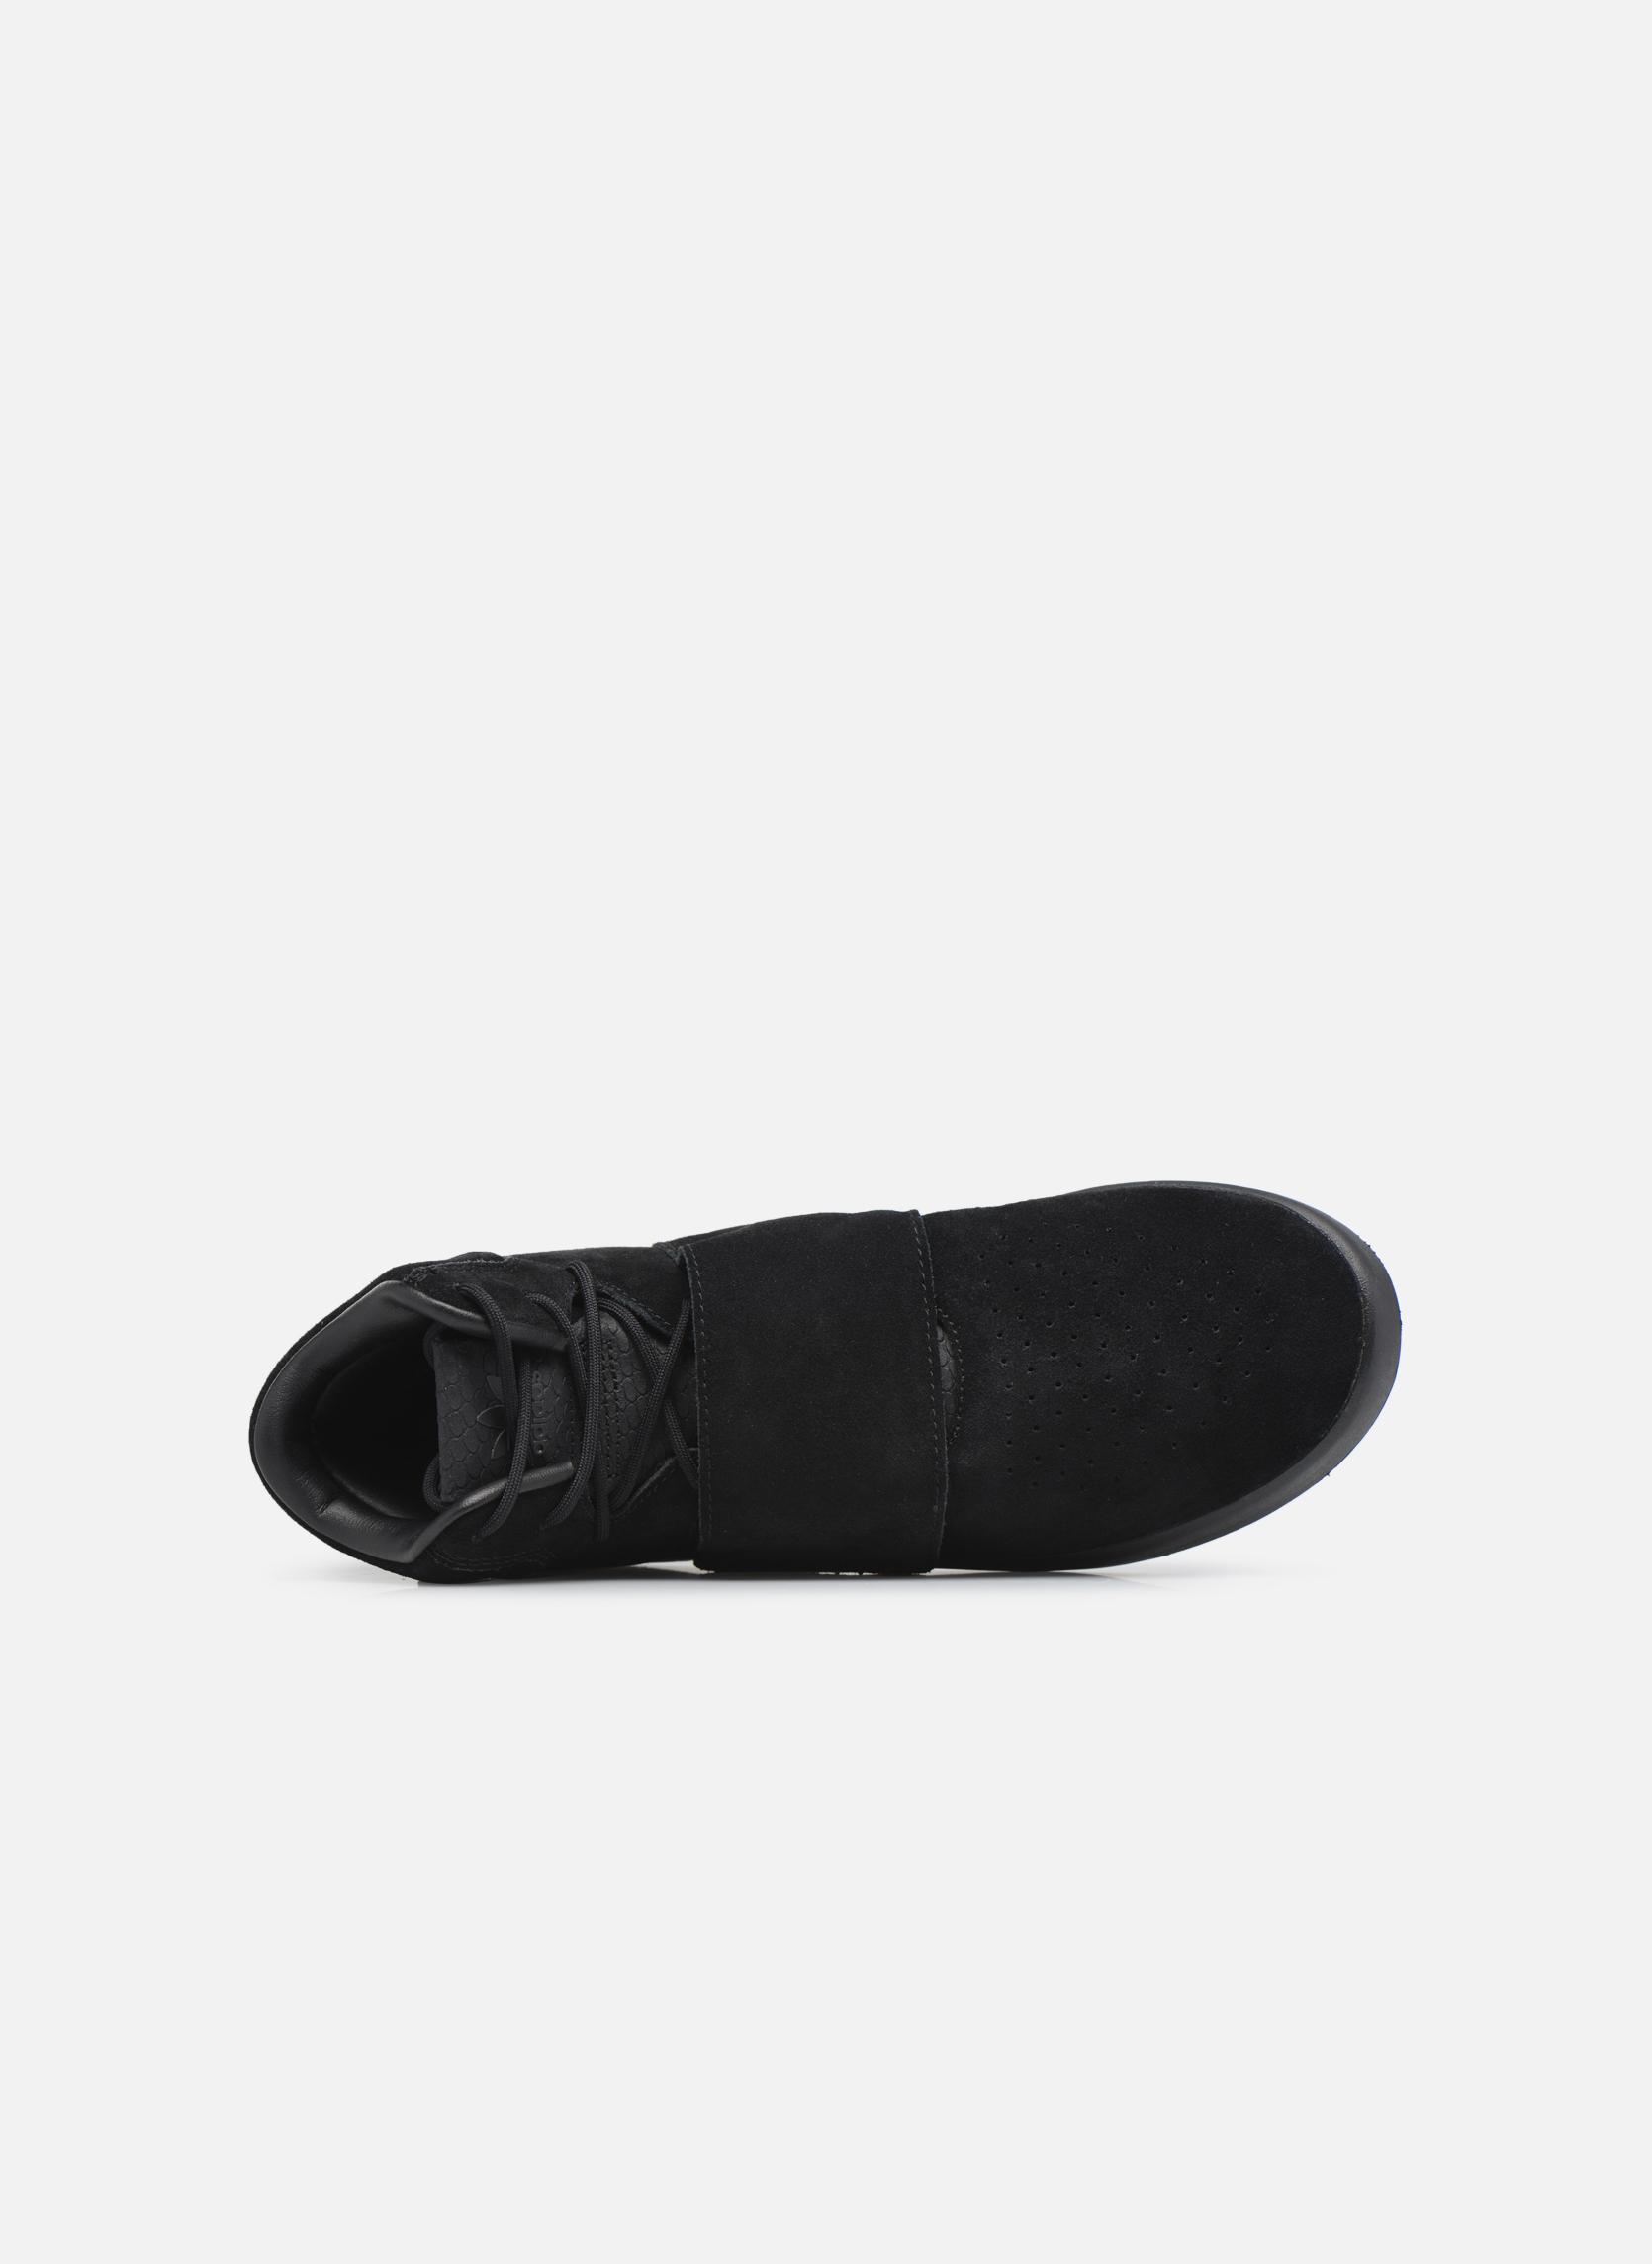 Baskets Adidas Originals Tubular Invader Strap Noir vue gauche